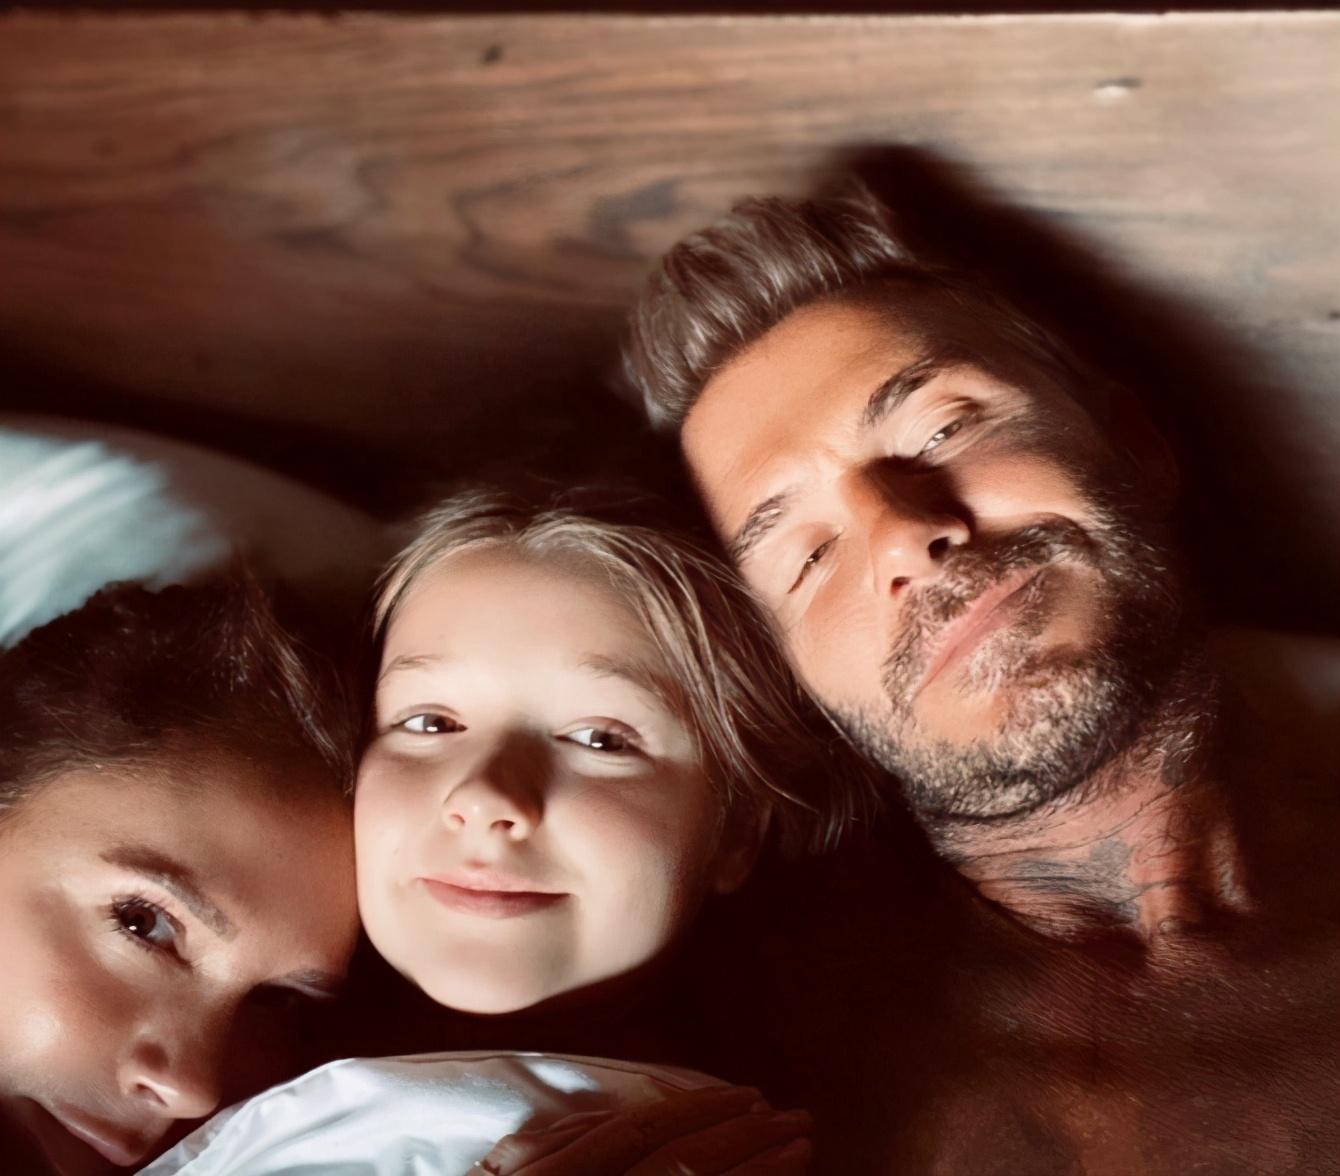 维多利亚秀恩爱照,状态不像46岁,被贝克汉姆紧搂怀中似少女